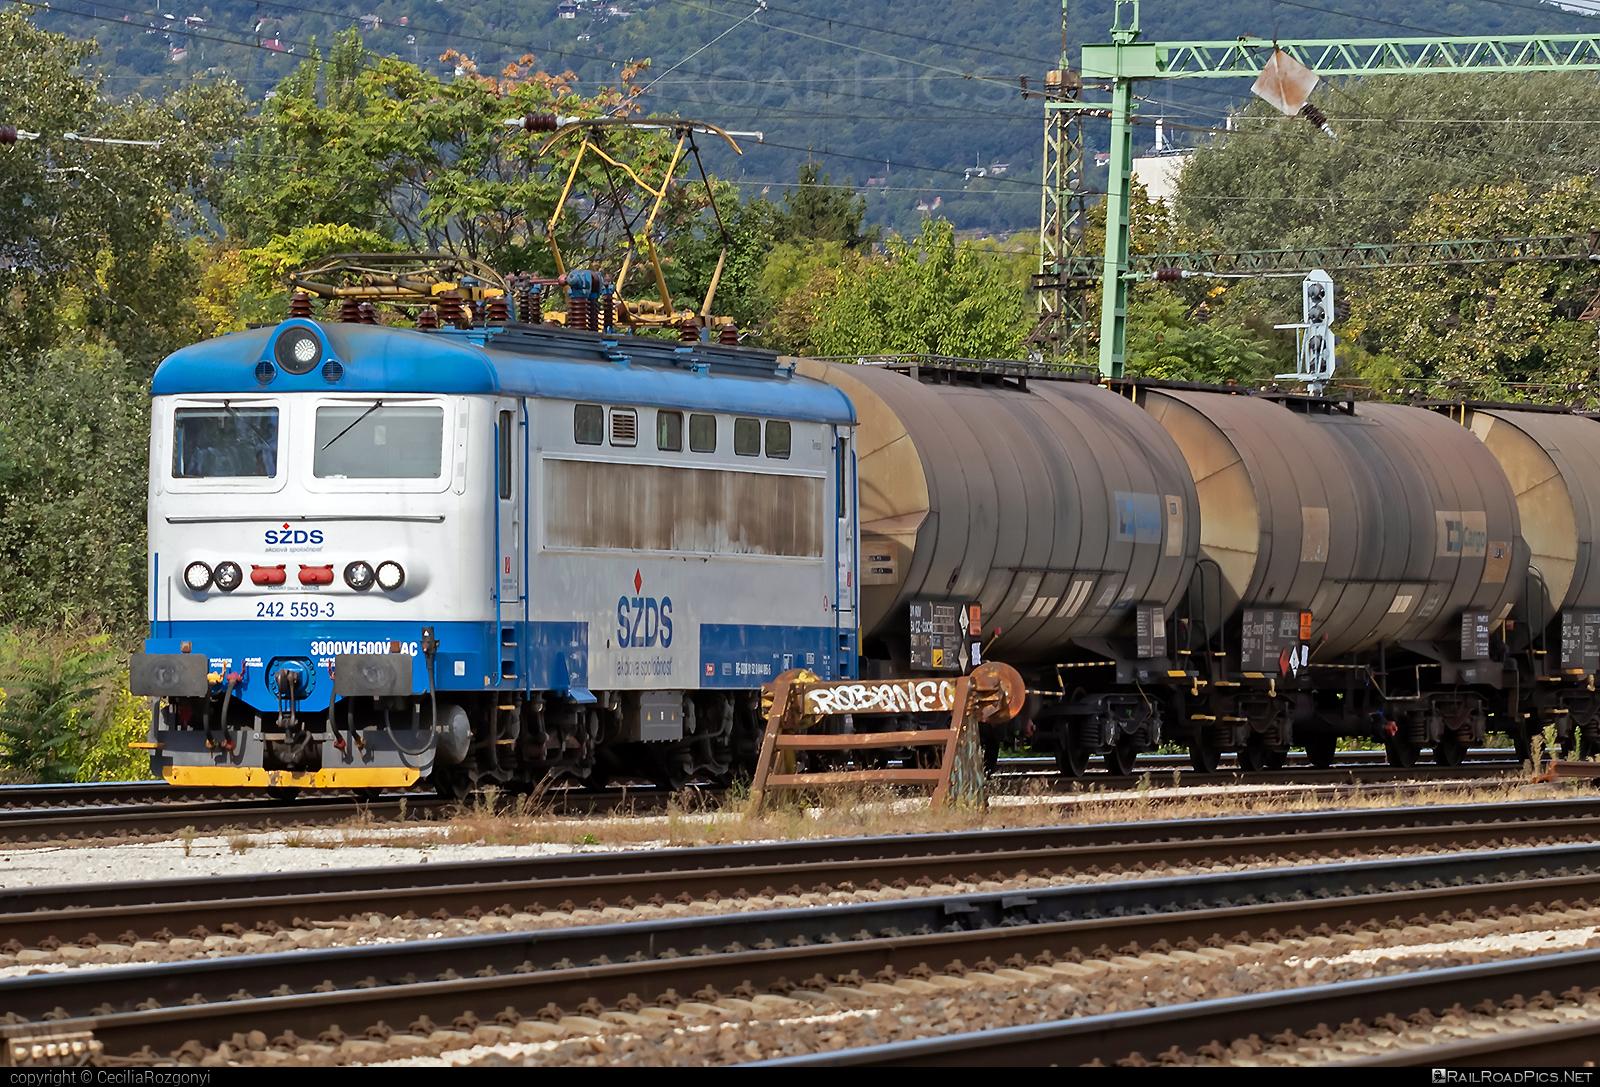 Škoda 73E - 242 559-3 operated by I. G. Rail, s. r. o. #igrail #kesselwagen #locomotive242 #plechac #skoda #skoda73e #szds #tankwagon